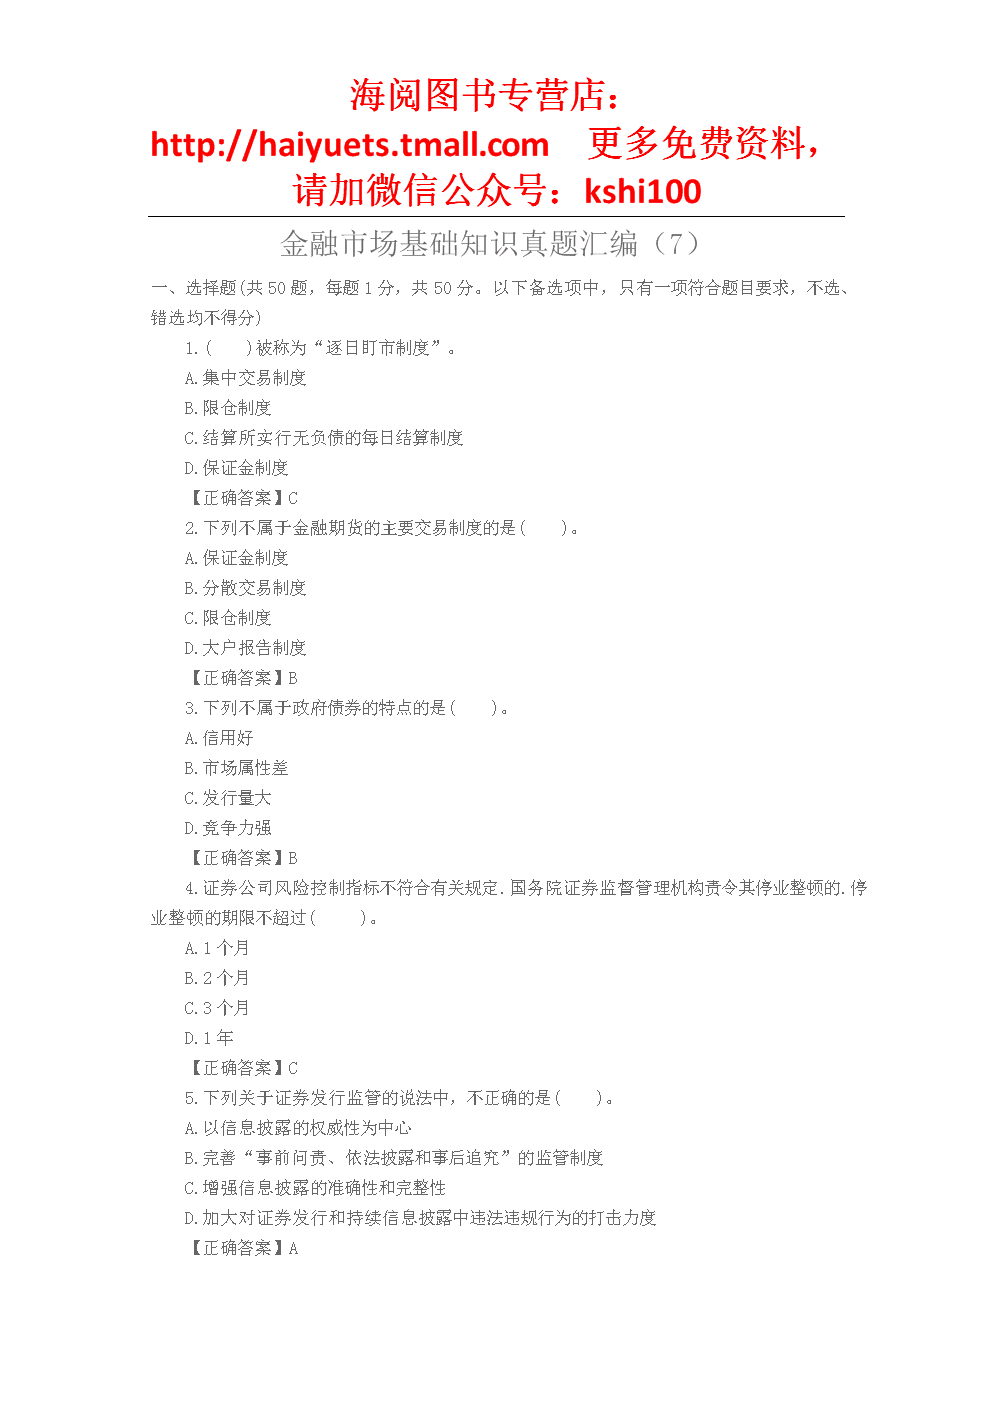 金融市场基础知识真题汇编 (7).docx